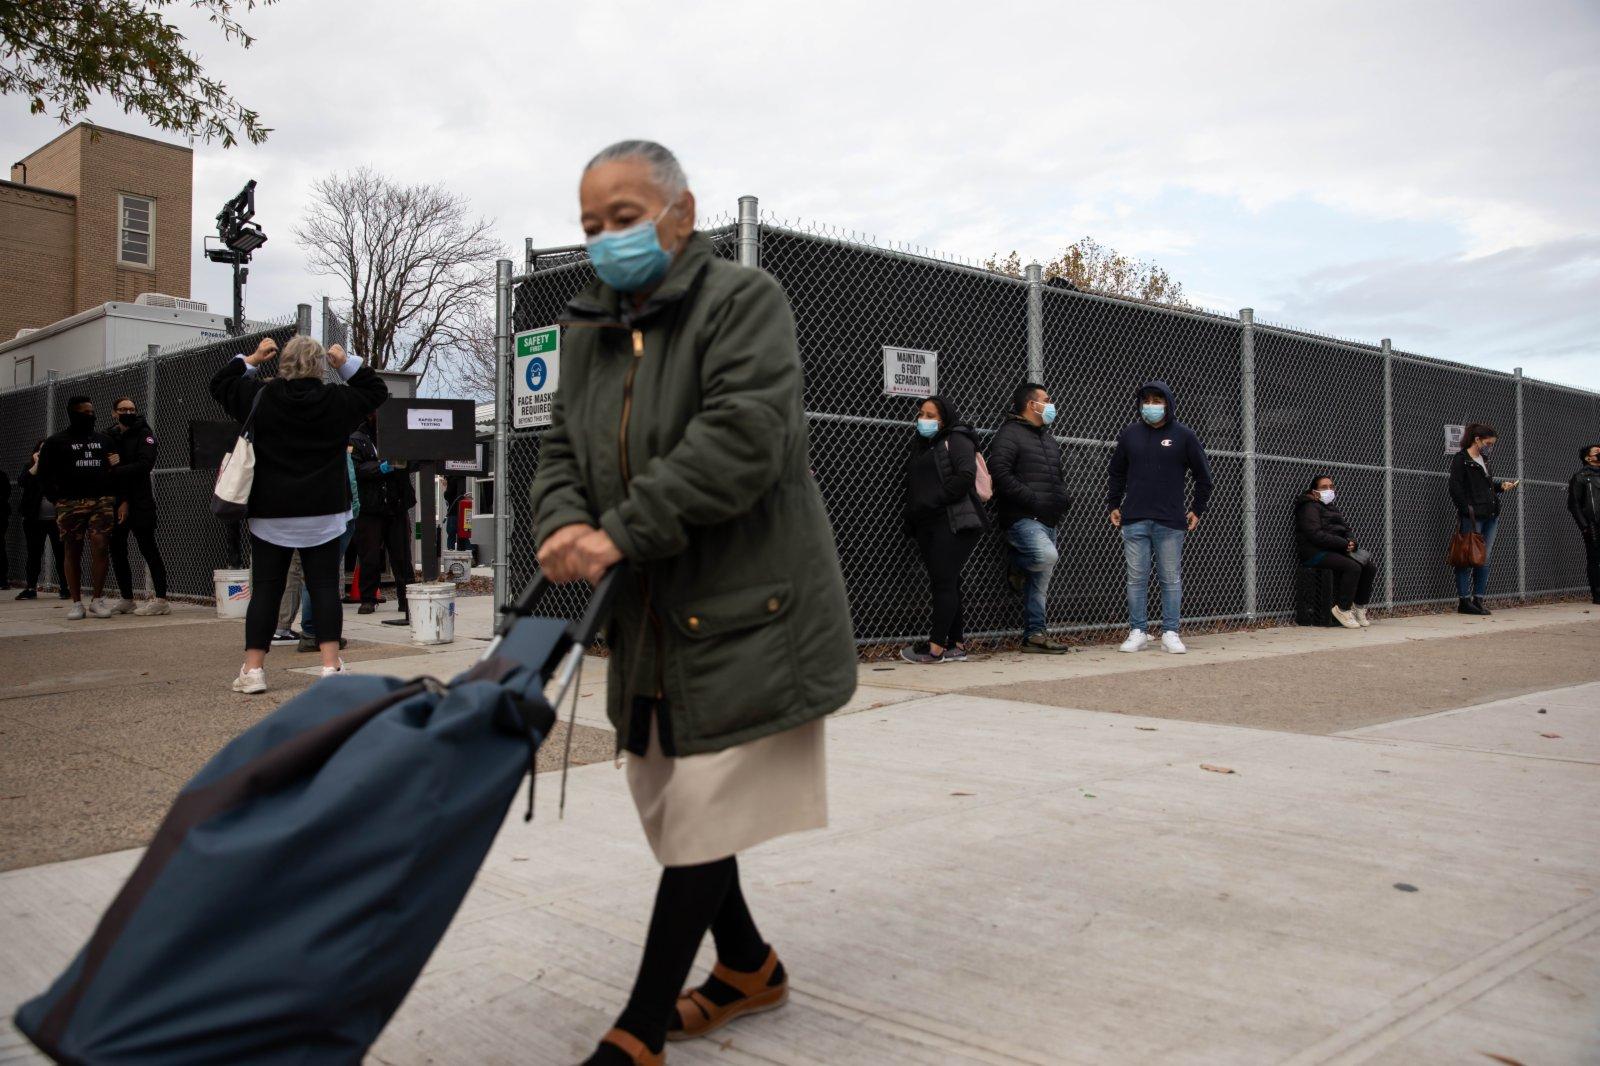 美國約翰斯·霍普金斯大學21日發布的新冠疫情最新統計數據顯示,美國累計確診病例超過1200萬例。圖為11月21日,人們在美國紐約排隊等待接受新冠病毒檢測。(新華社)